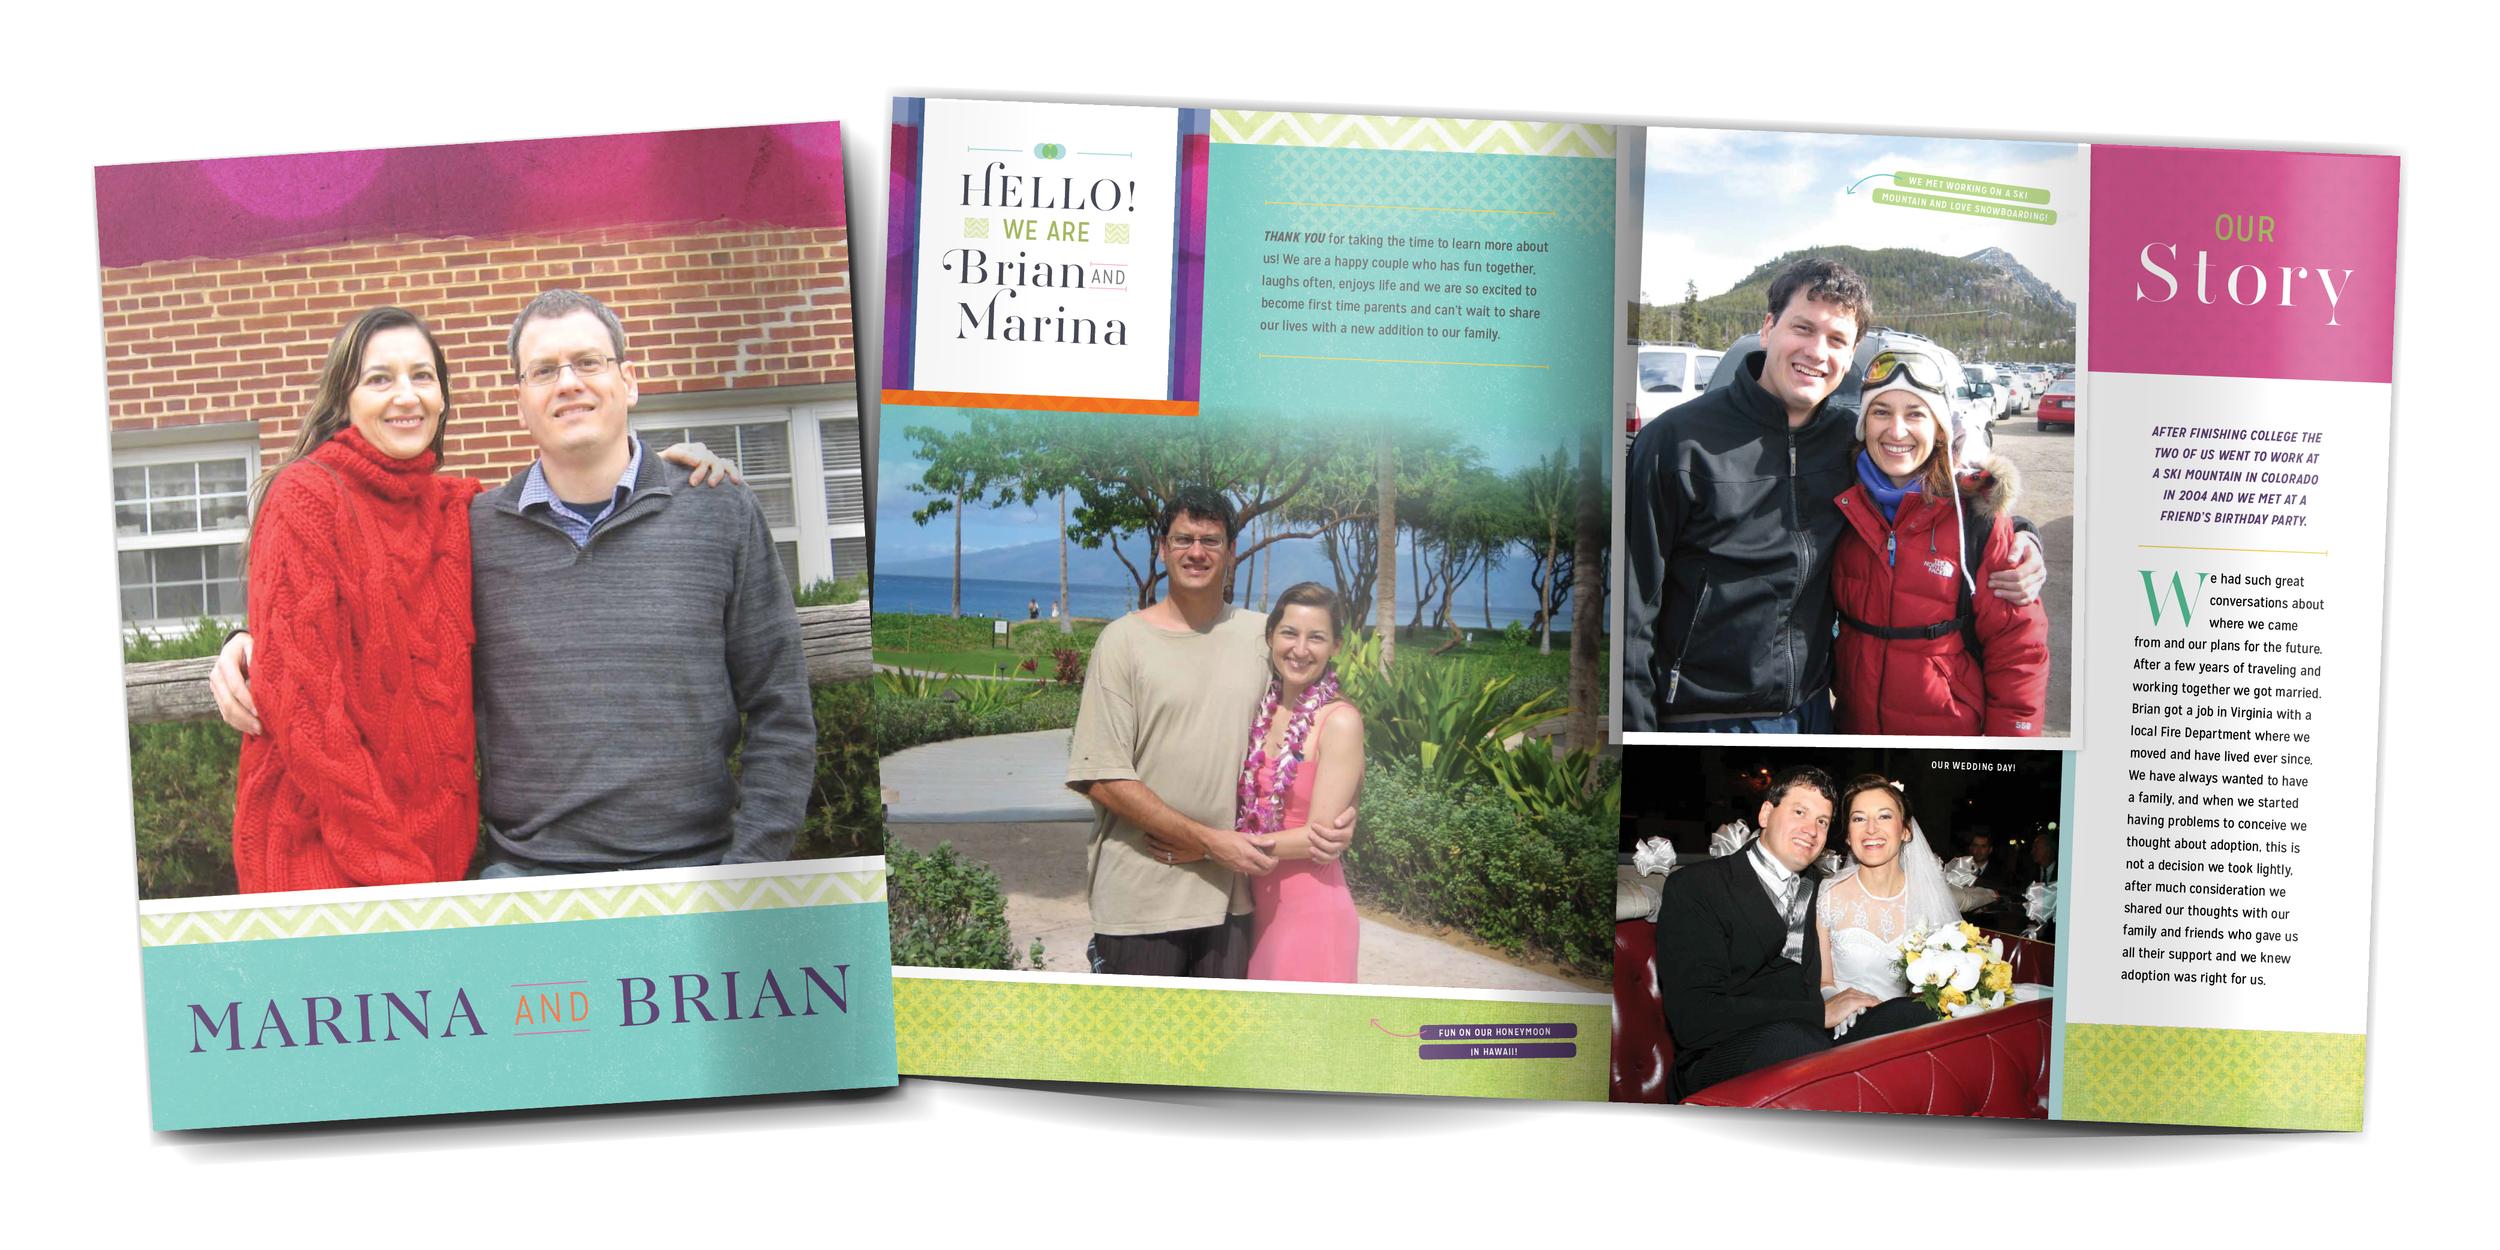 marina brian hopefully parents website hosting adoptive families outreach